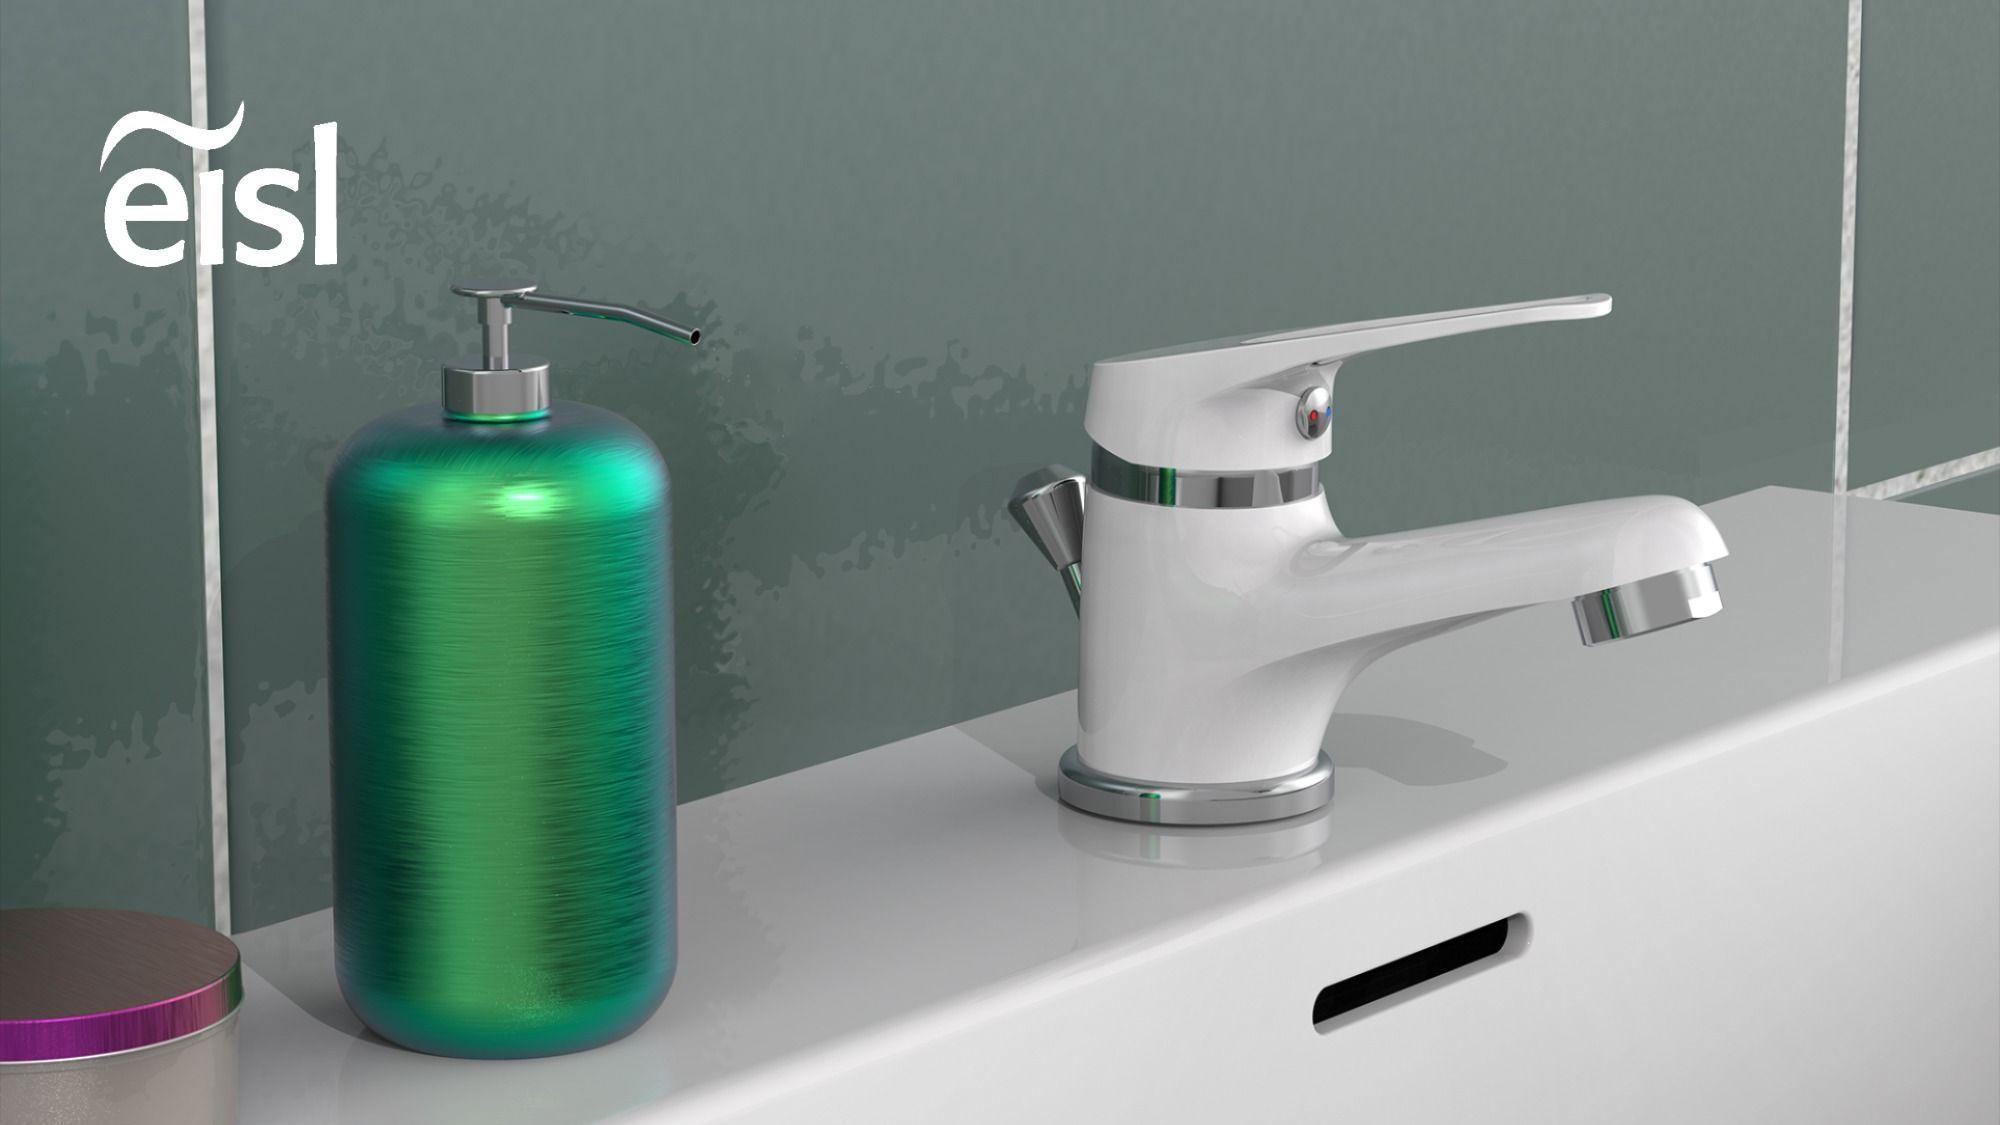 Platzsparender Wasserhahn Waschtischarmatur Badarmatur In 2020 Waschtischarmatur Armaturen Bad Diy Bader